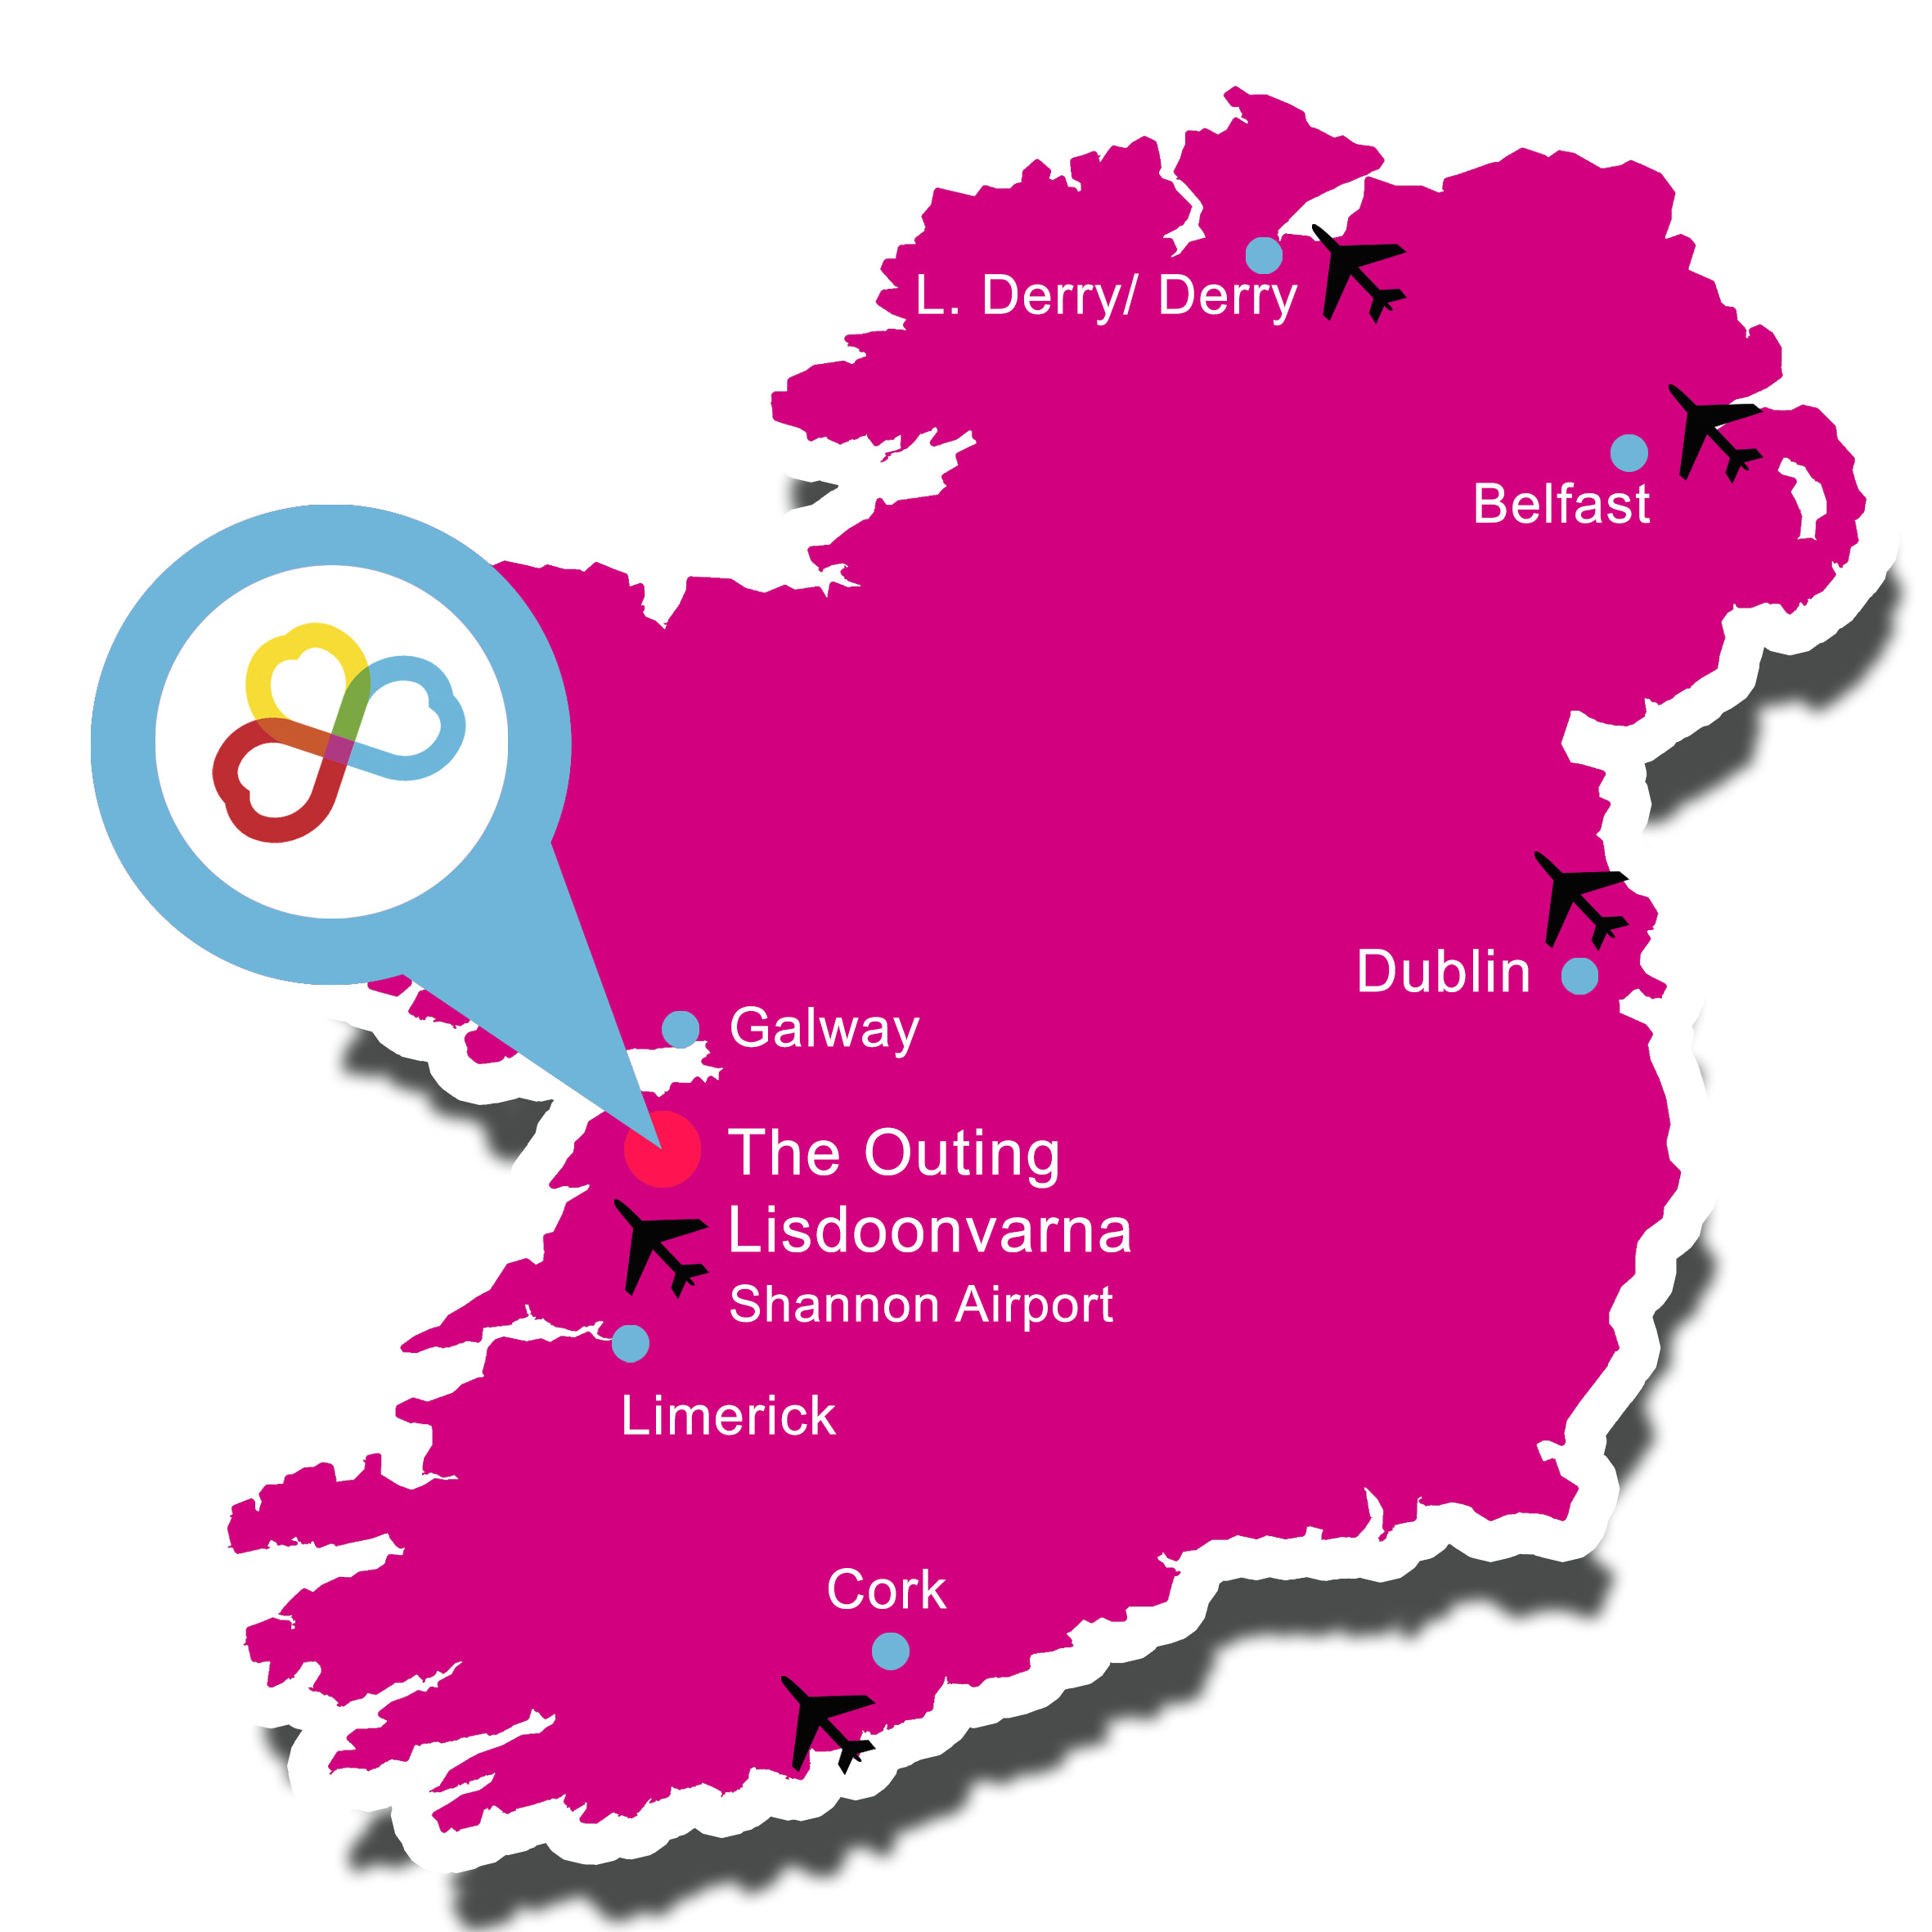 irish matchmaking festival 2014 poz hookup site